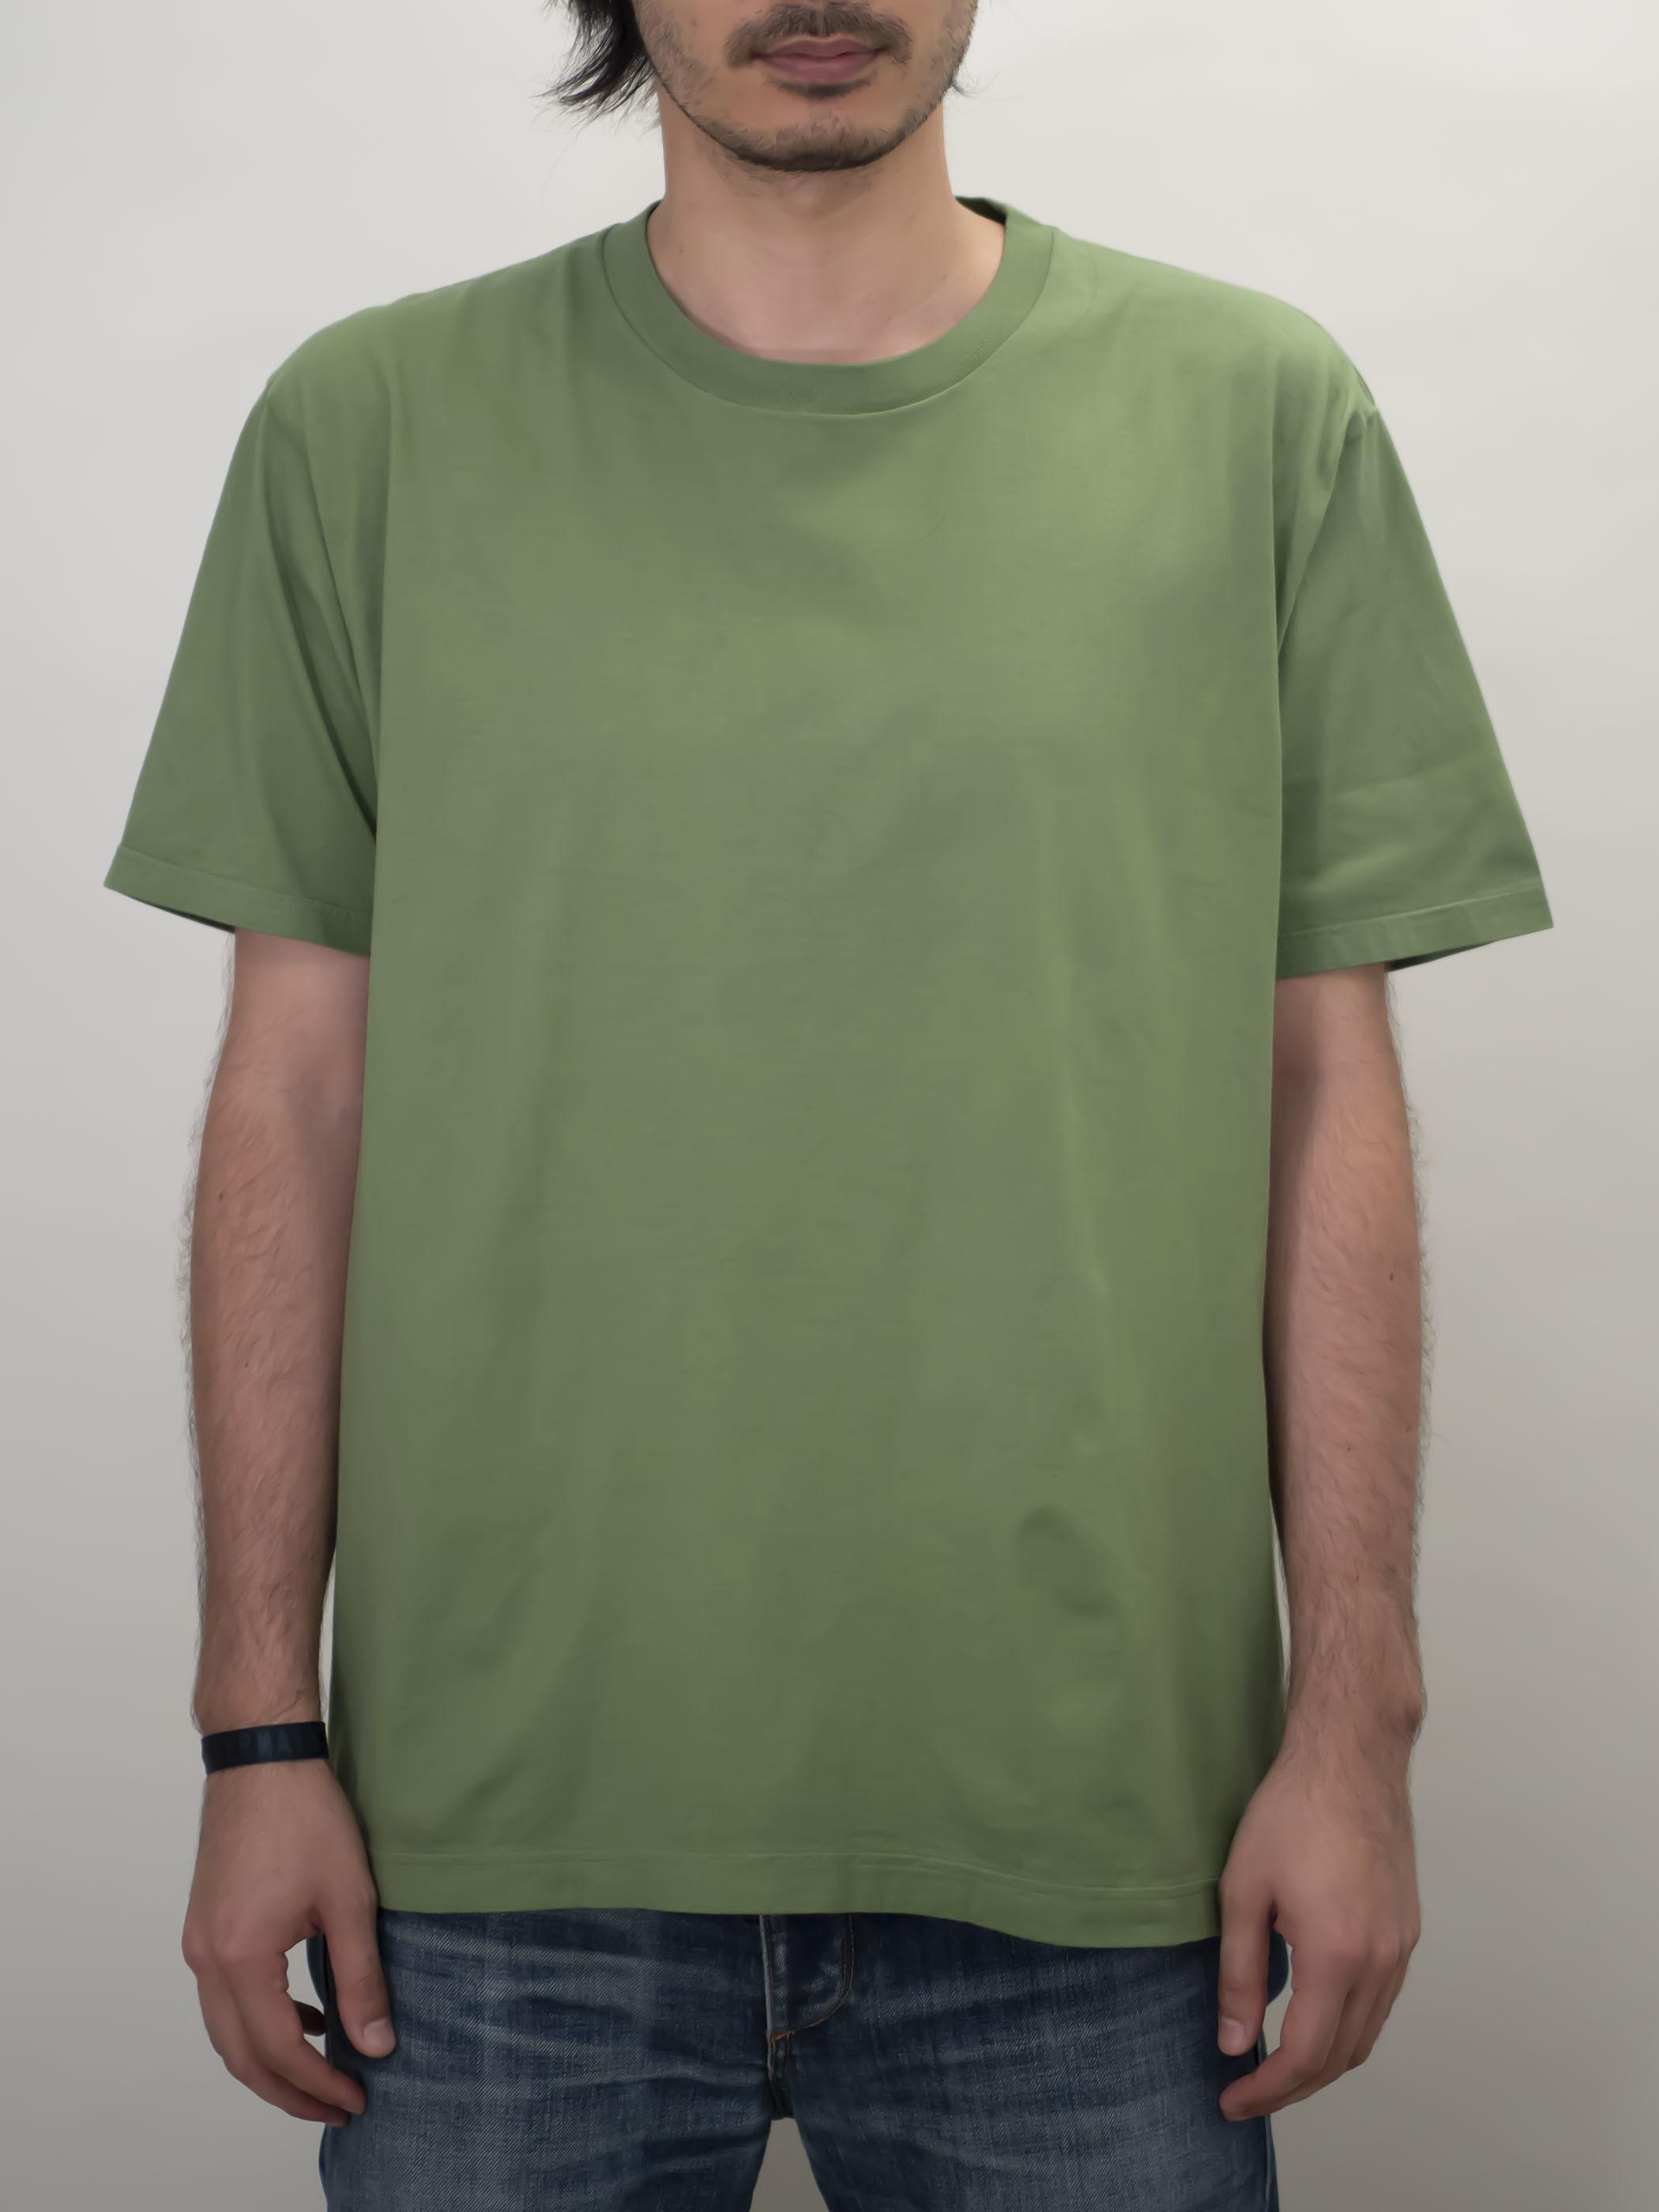 丸胴Tシャツ #04ジンジャー